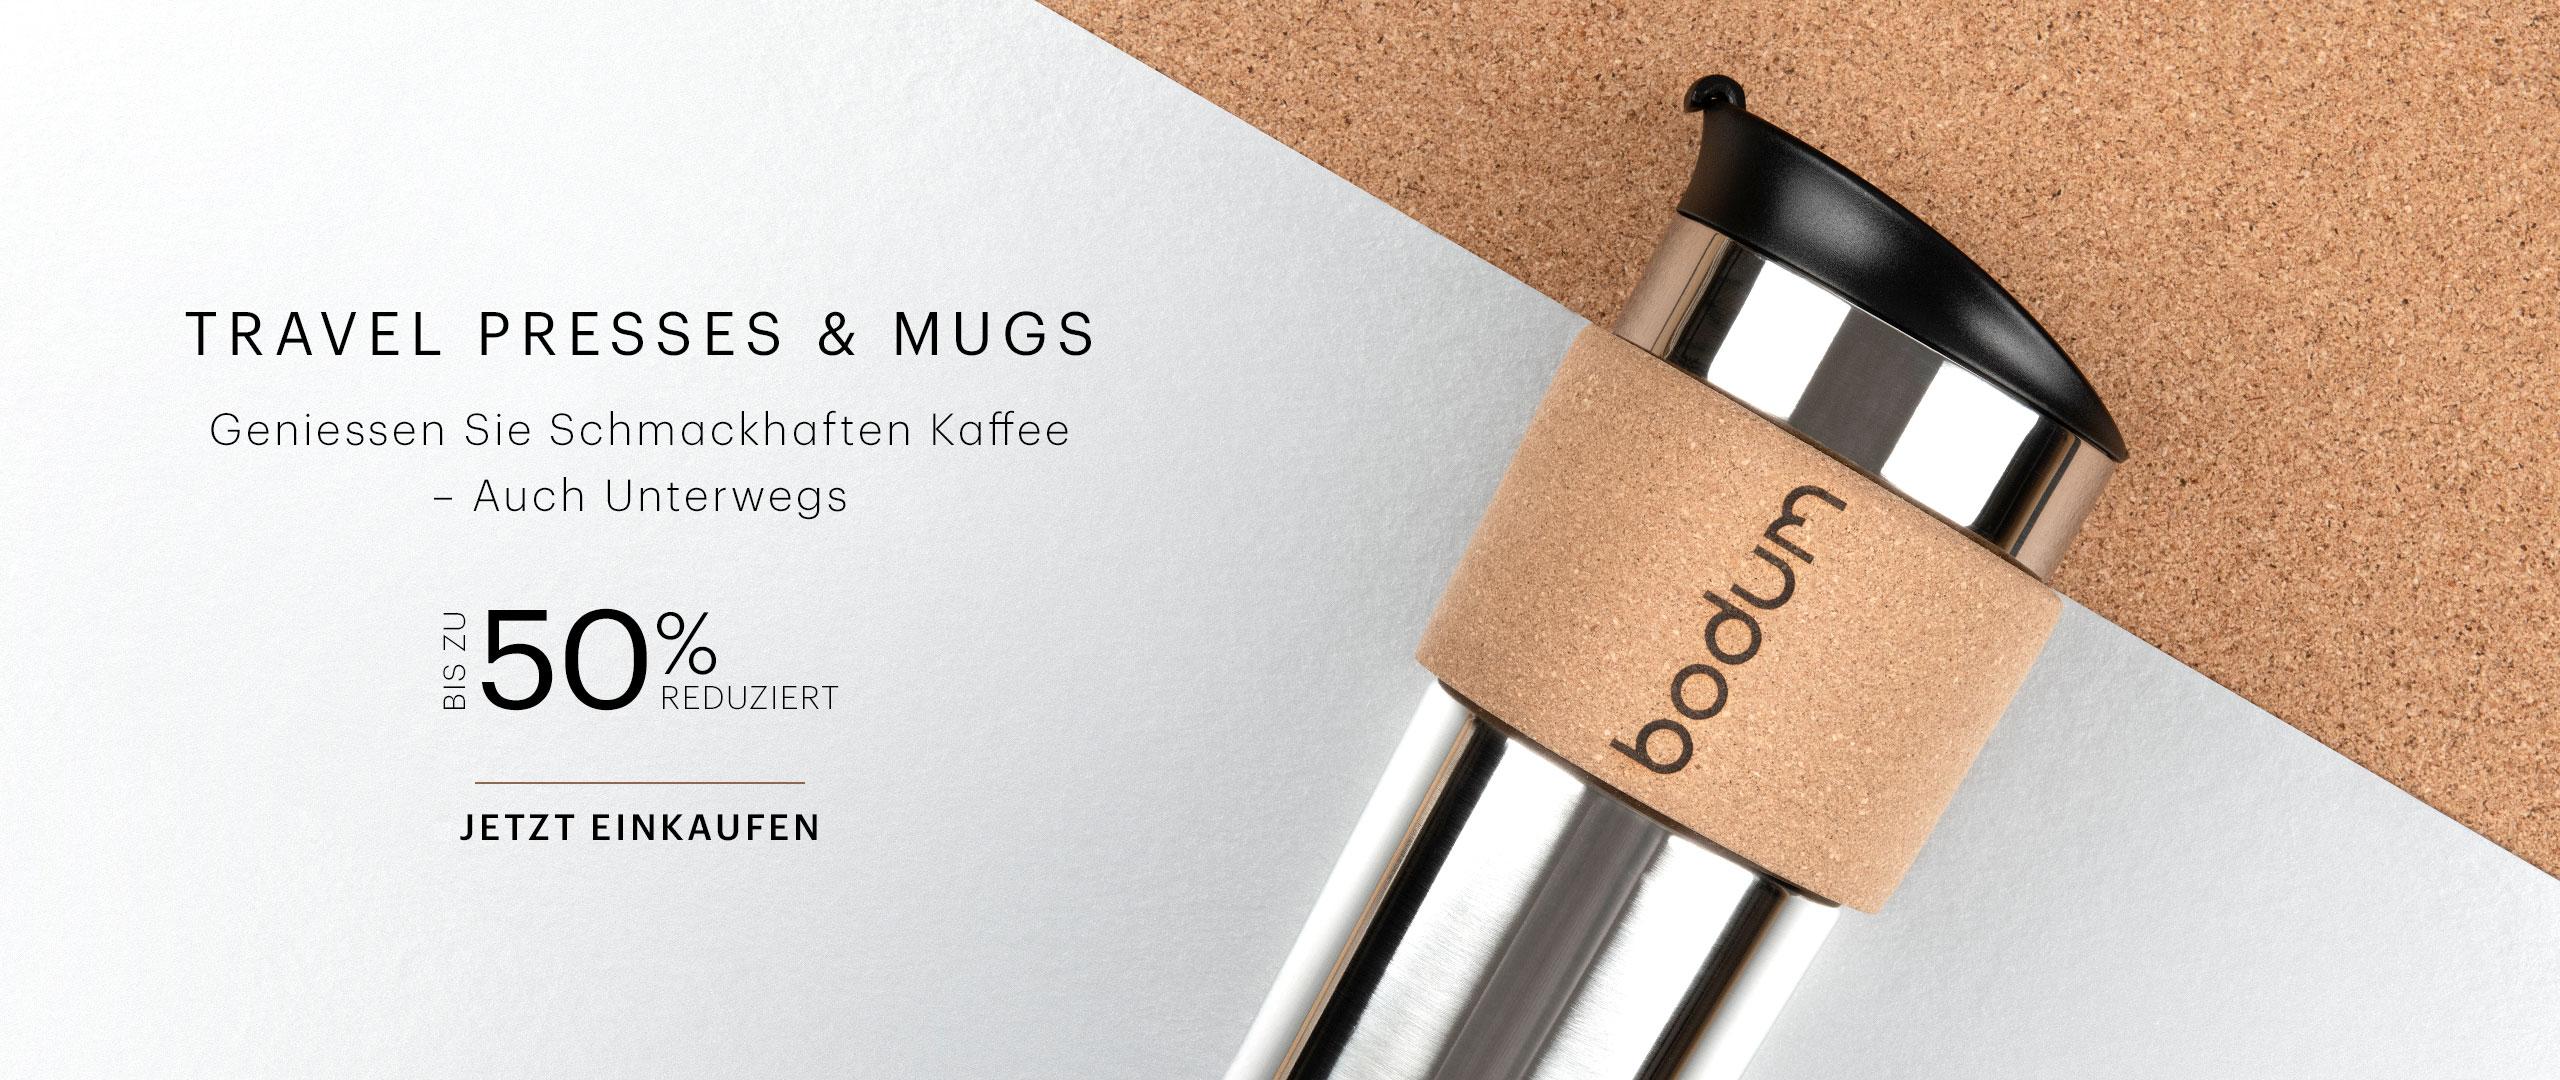 BEU [DE] - Travel Press & Mug